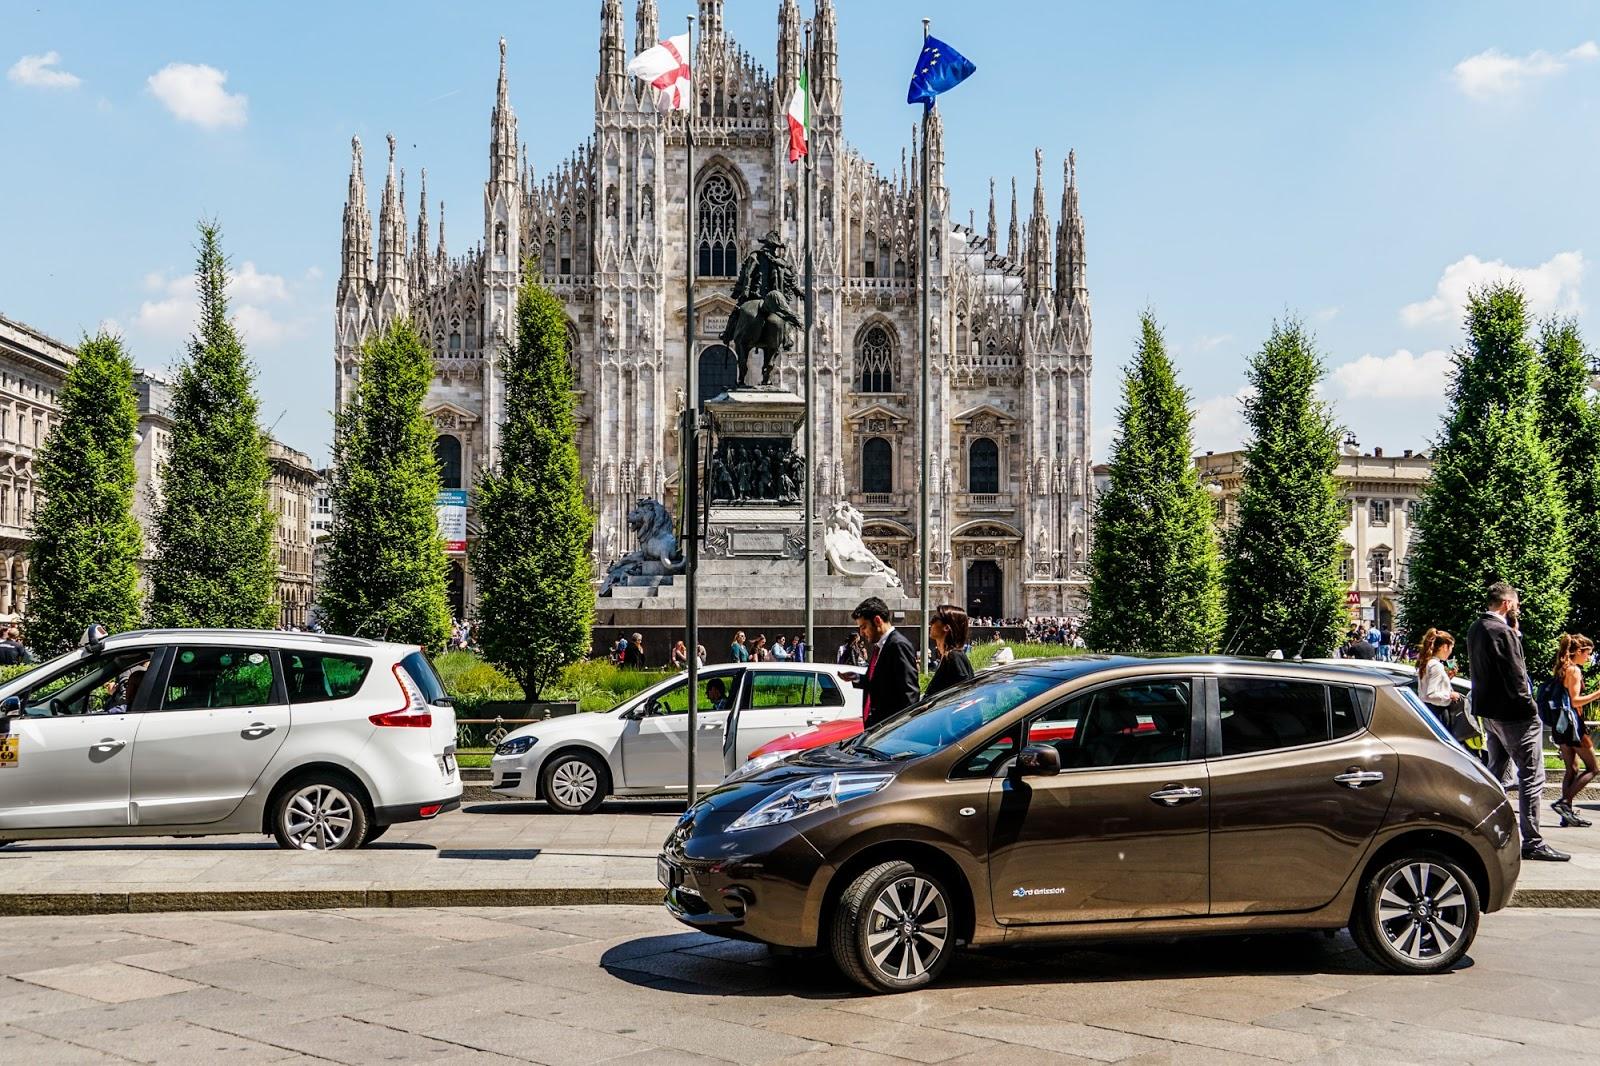 145612 5 8 Τα ηλεκτρικά οχήματα της Nissan, στον τελικό του UEFA Champions League στο Μιλάνο Nissan, Nissan LEAF, UEFA Champions League